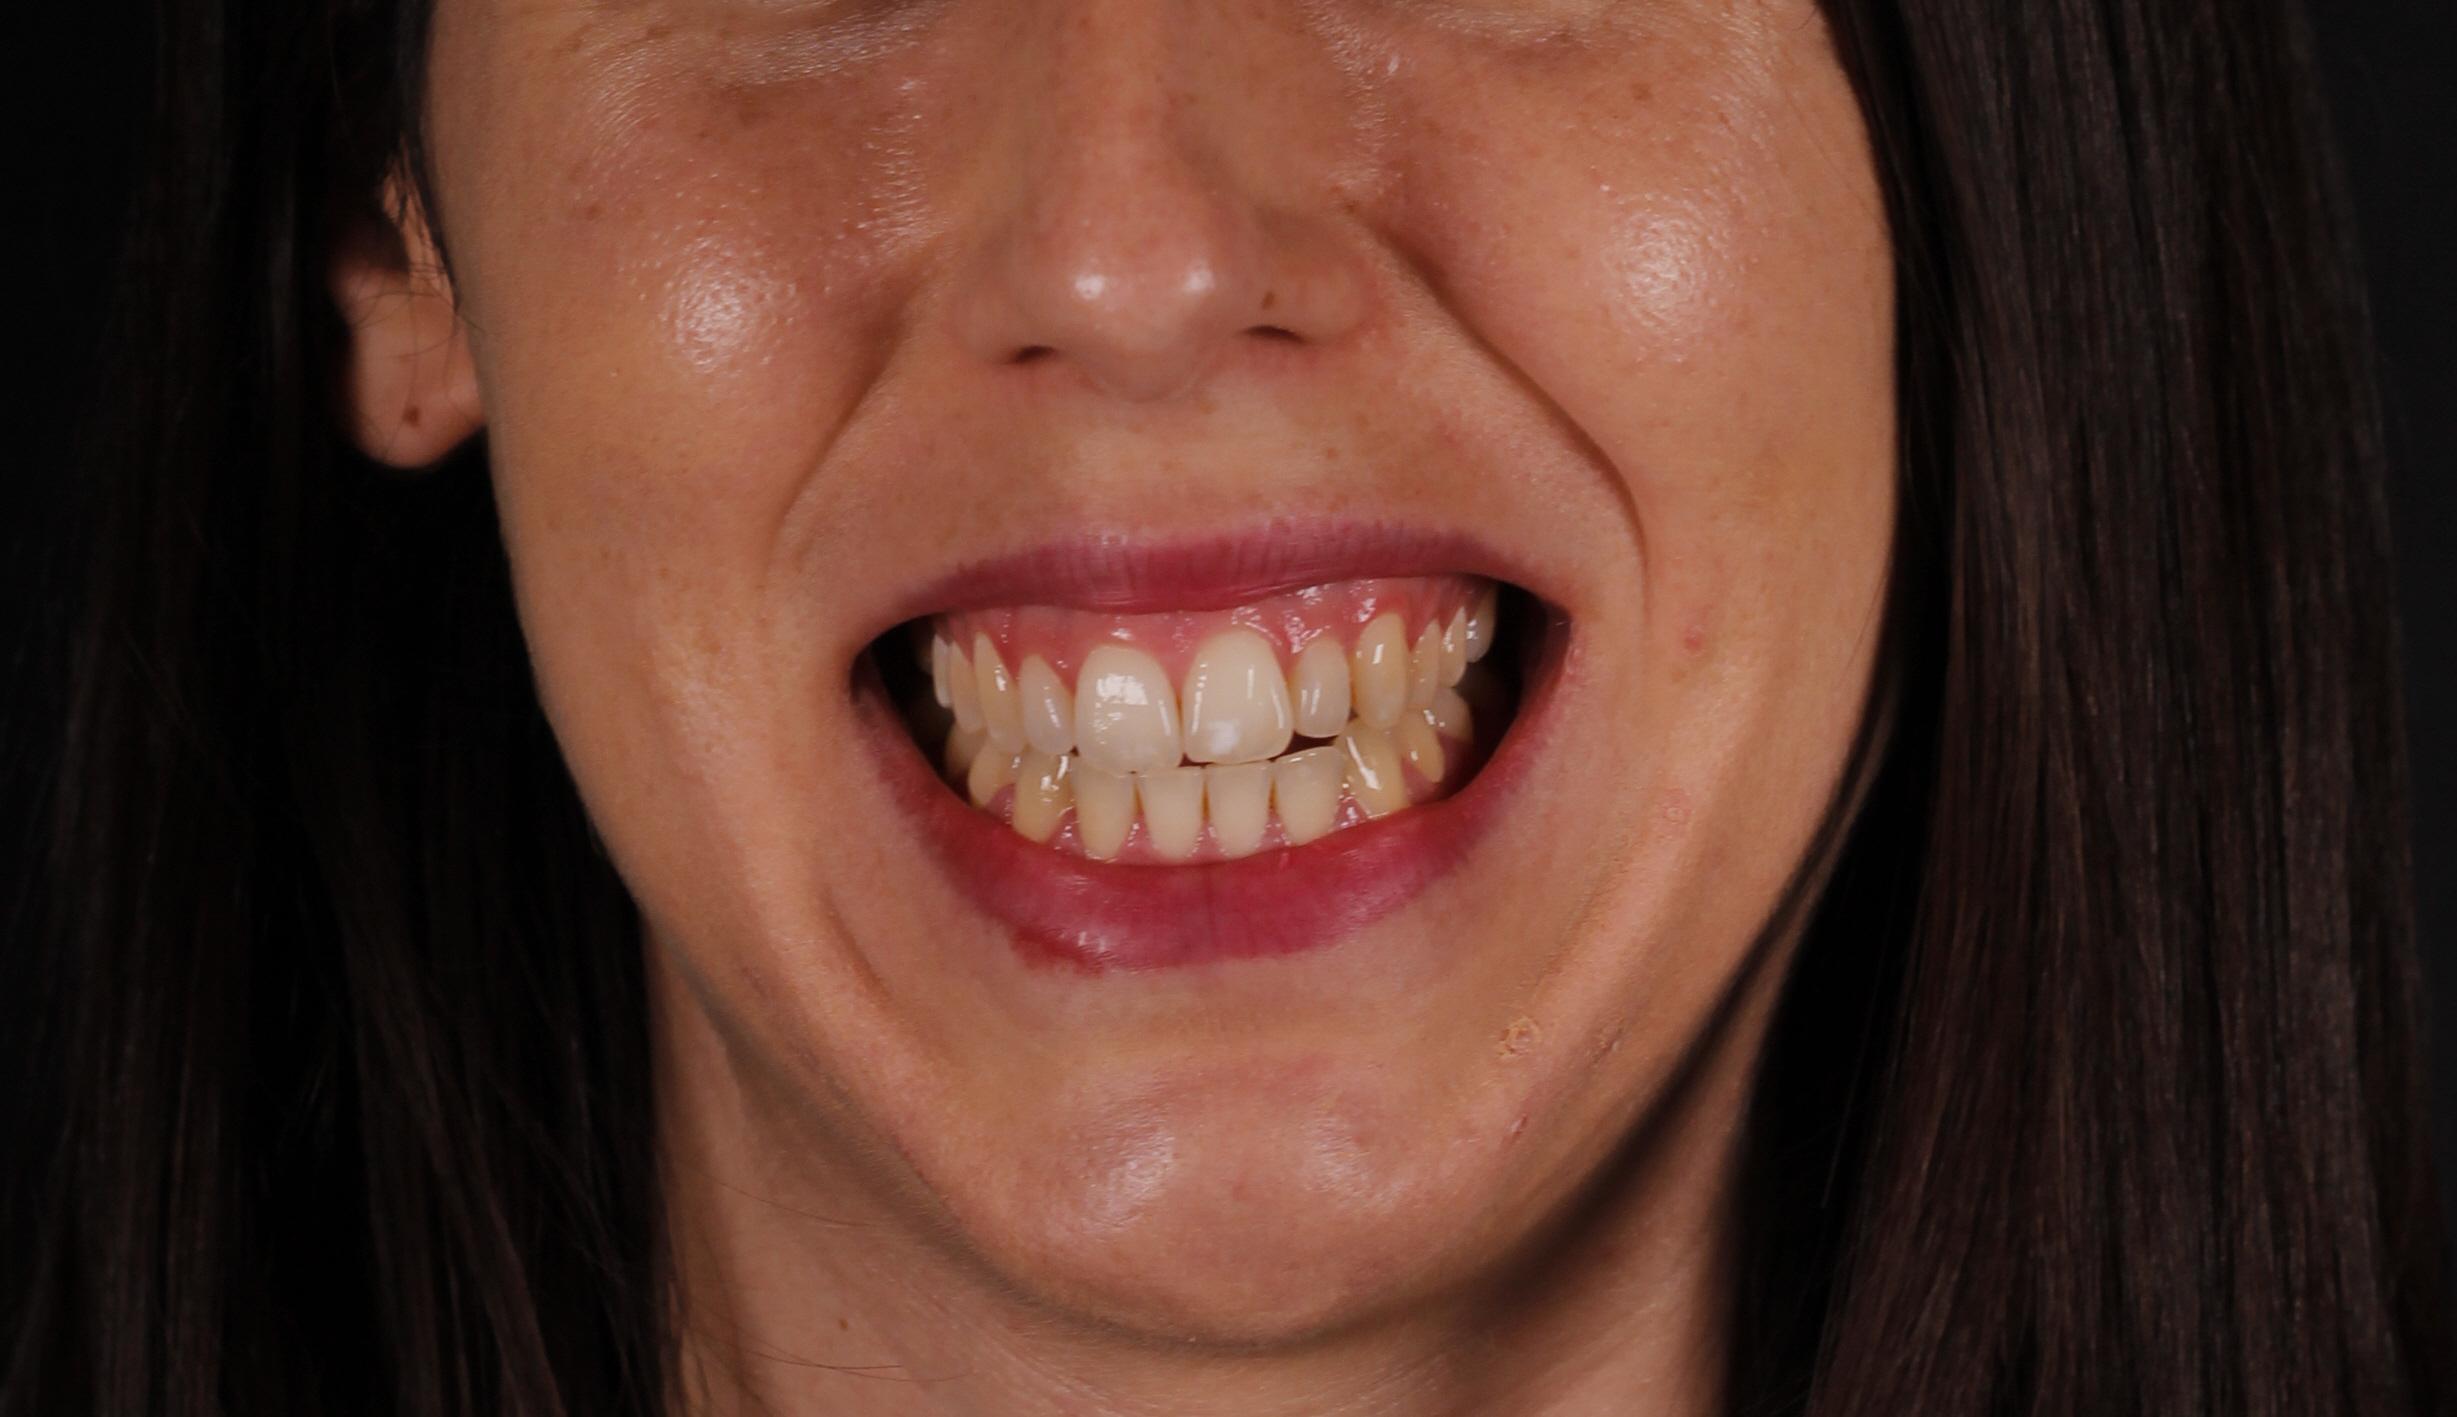 Sonrisa gingival antes de ser corregida con ortodoncia invisible